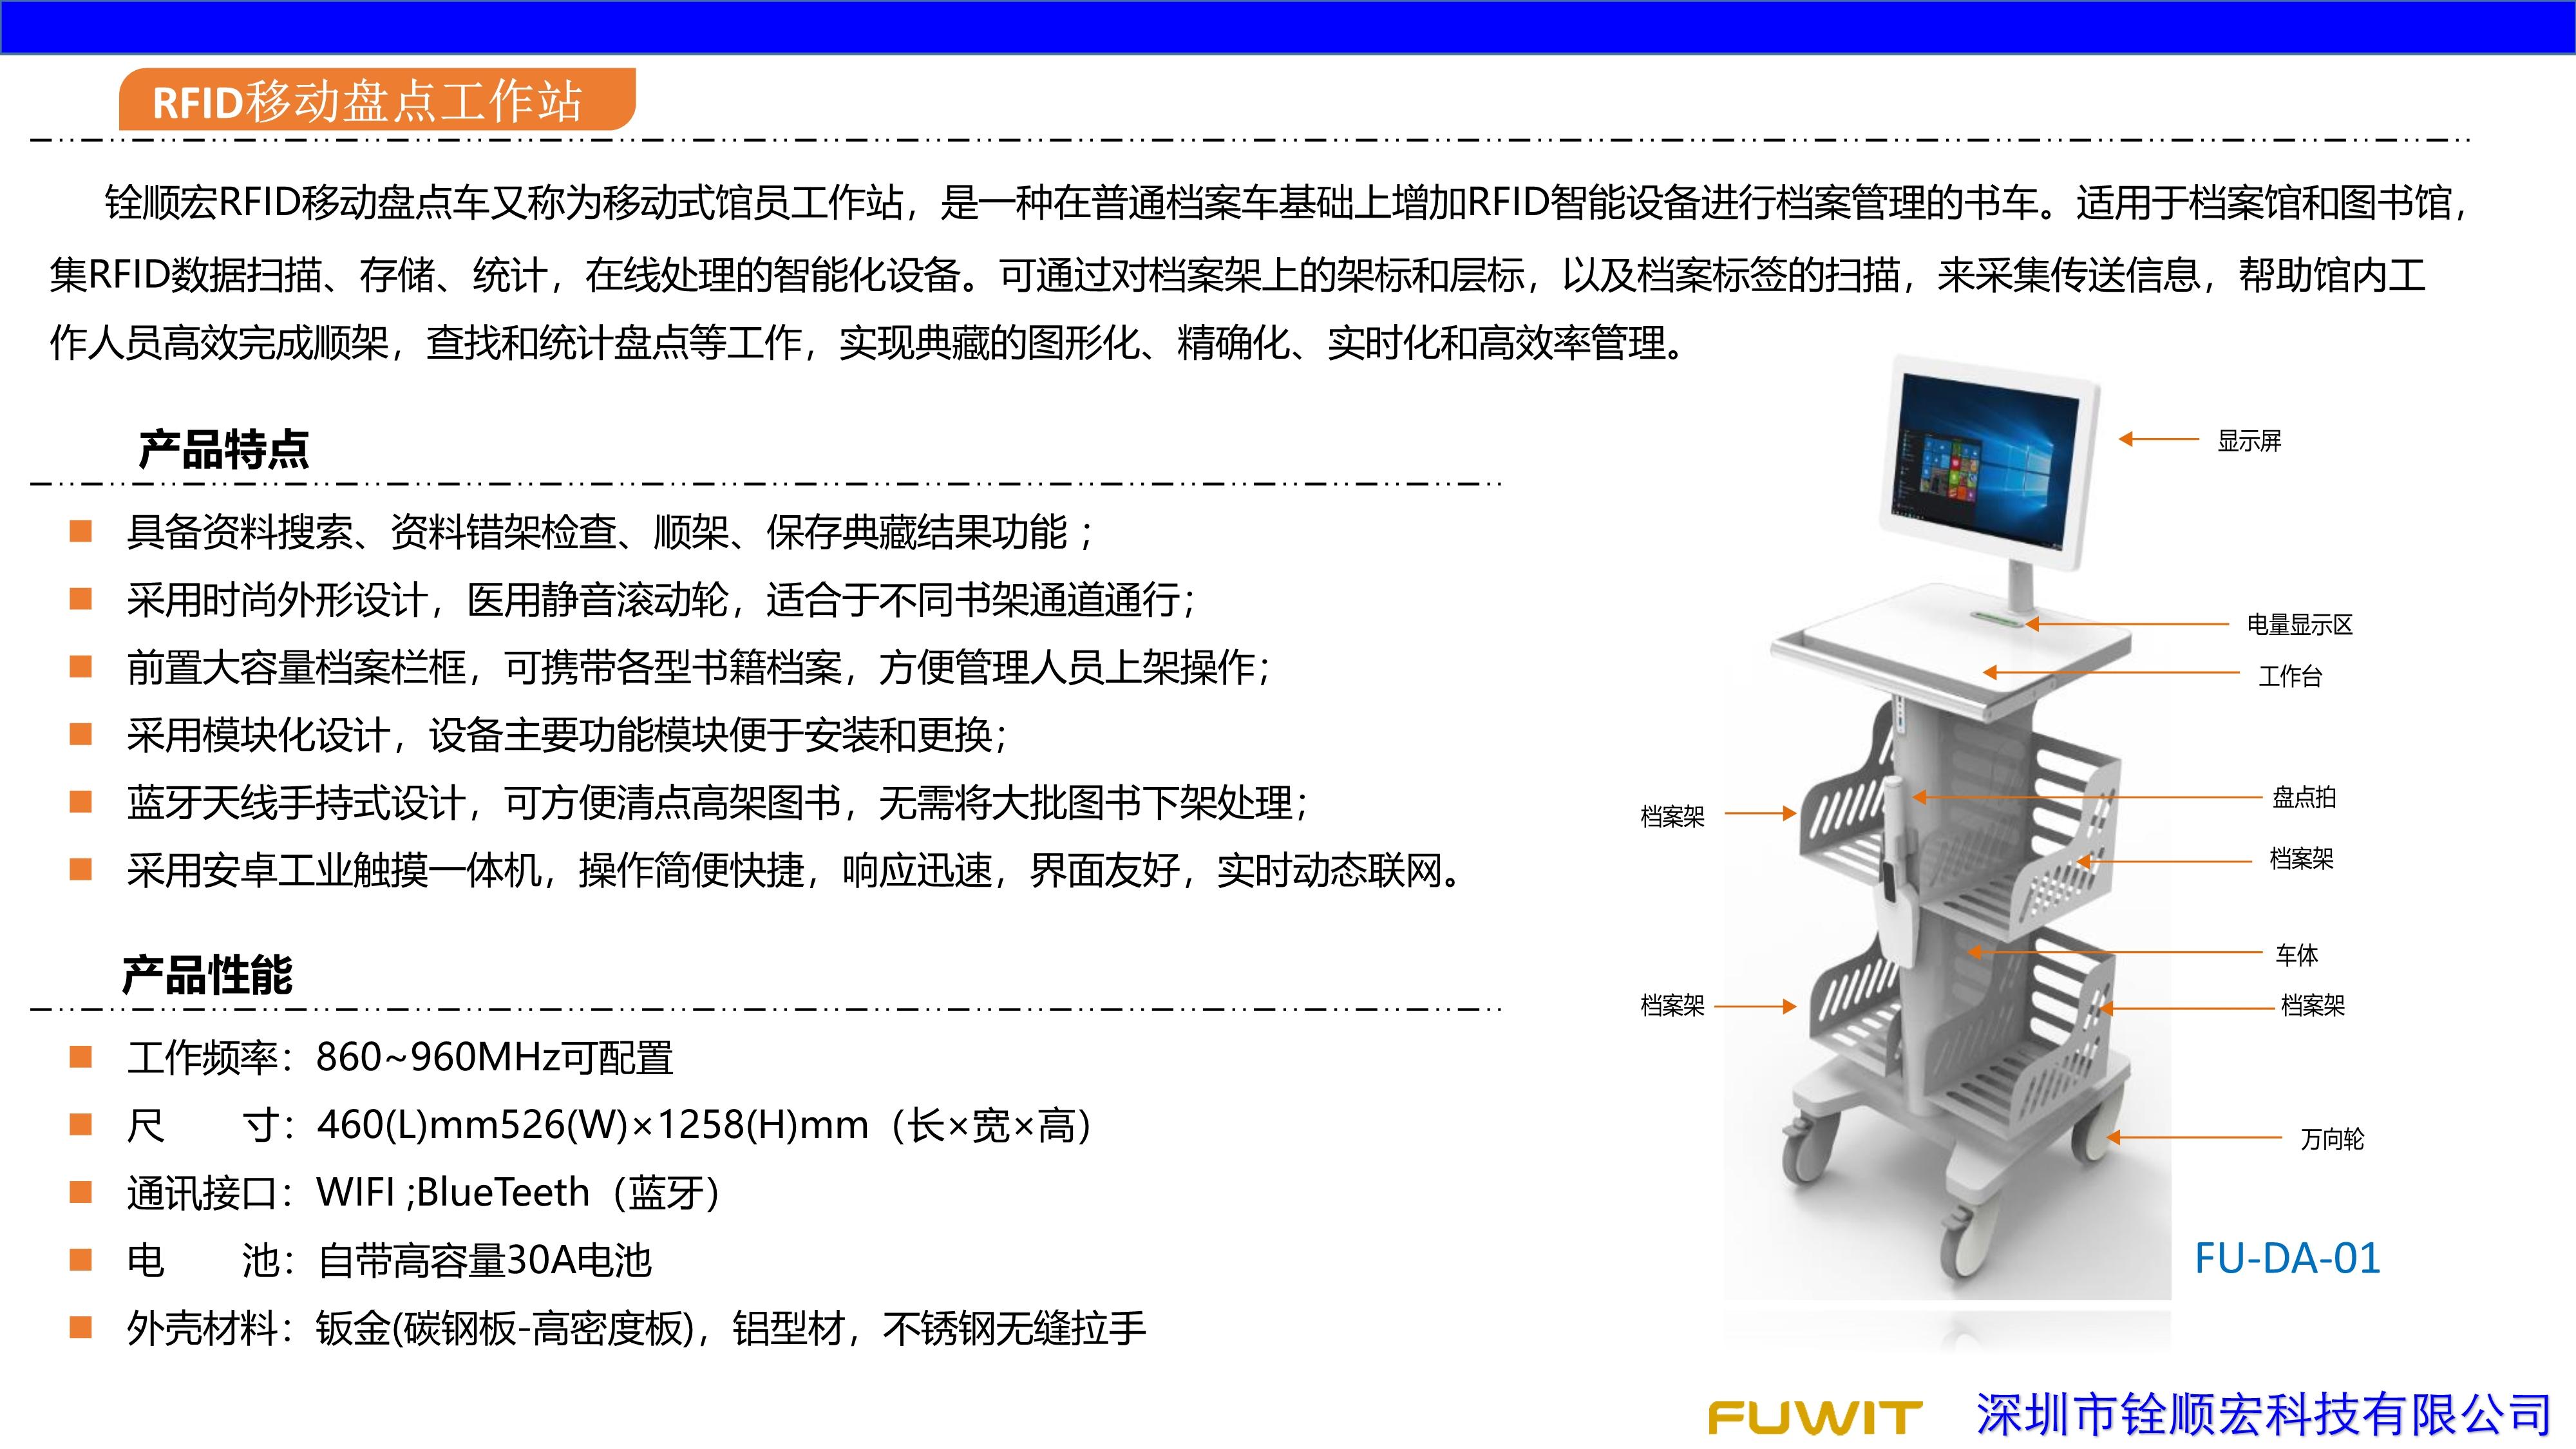 RFID移动盘点工作站,RFID档案盘点,RFID档案